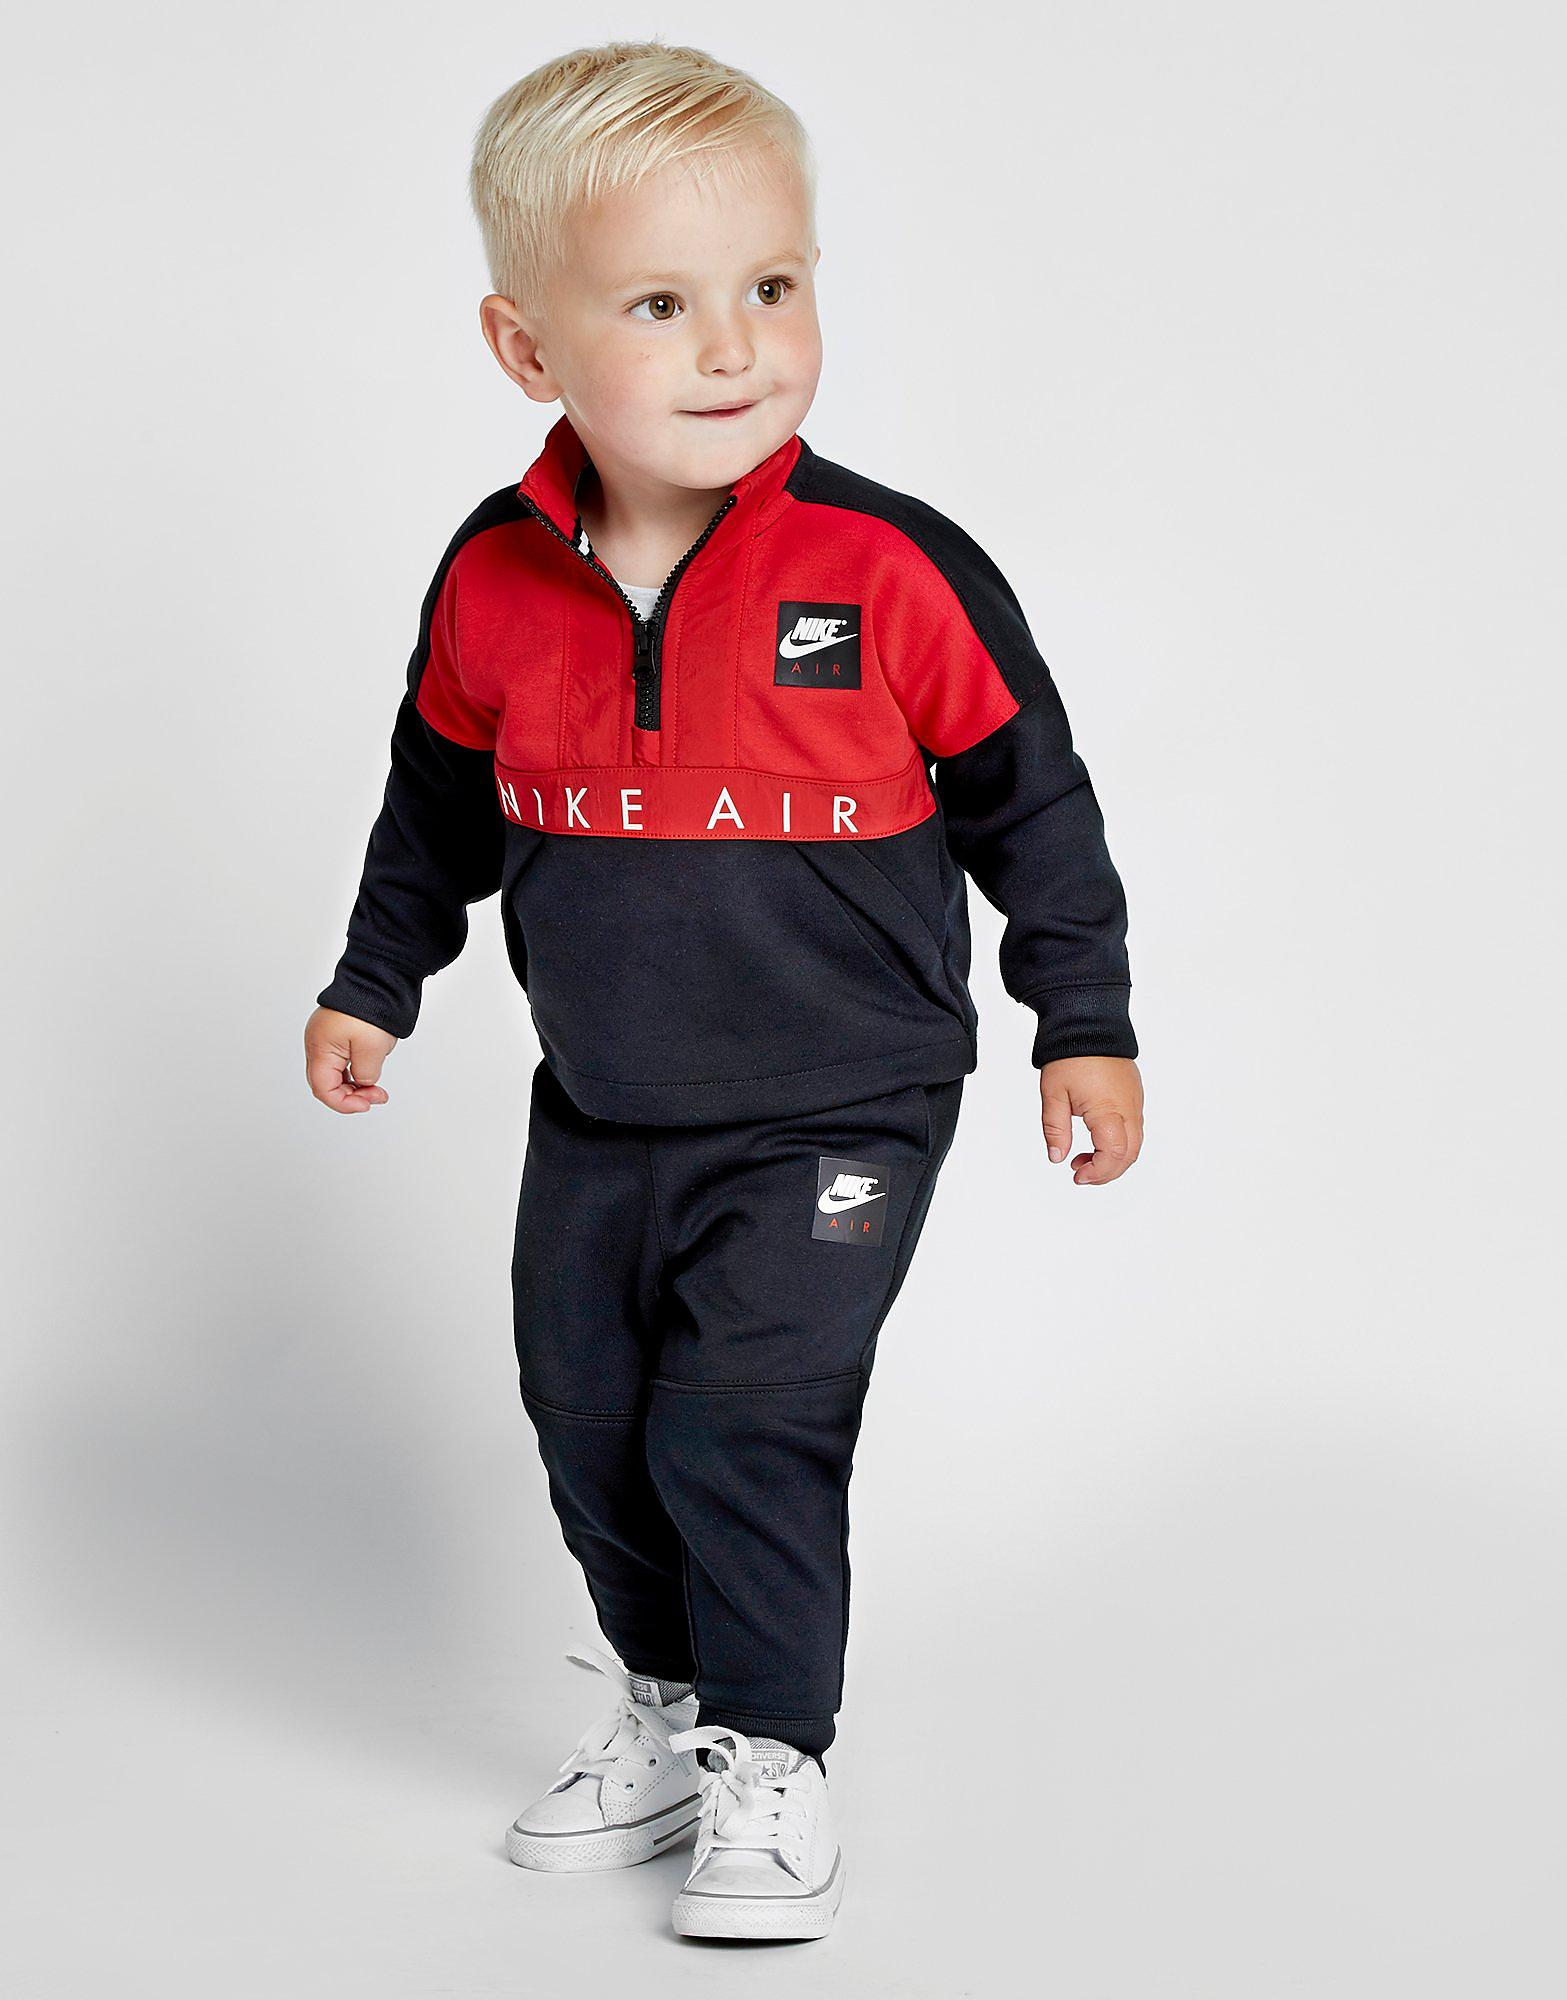 Nike Futura 1/4 Zip Suit Baby's